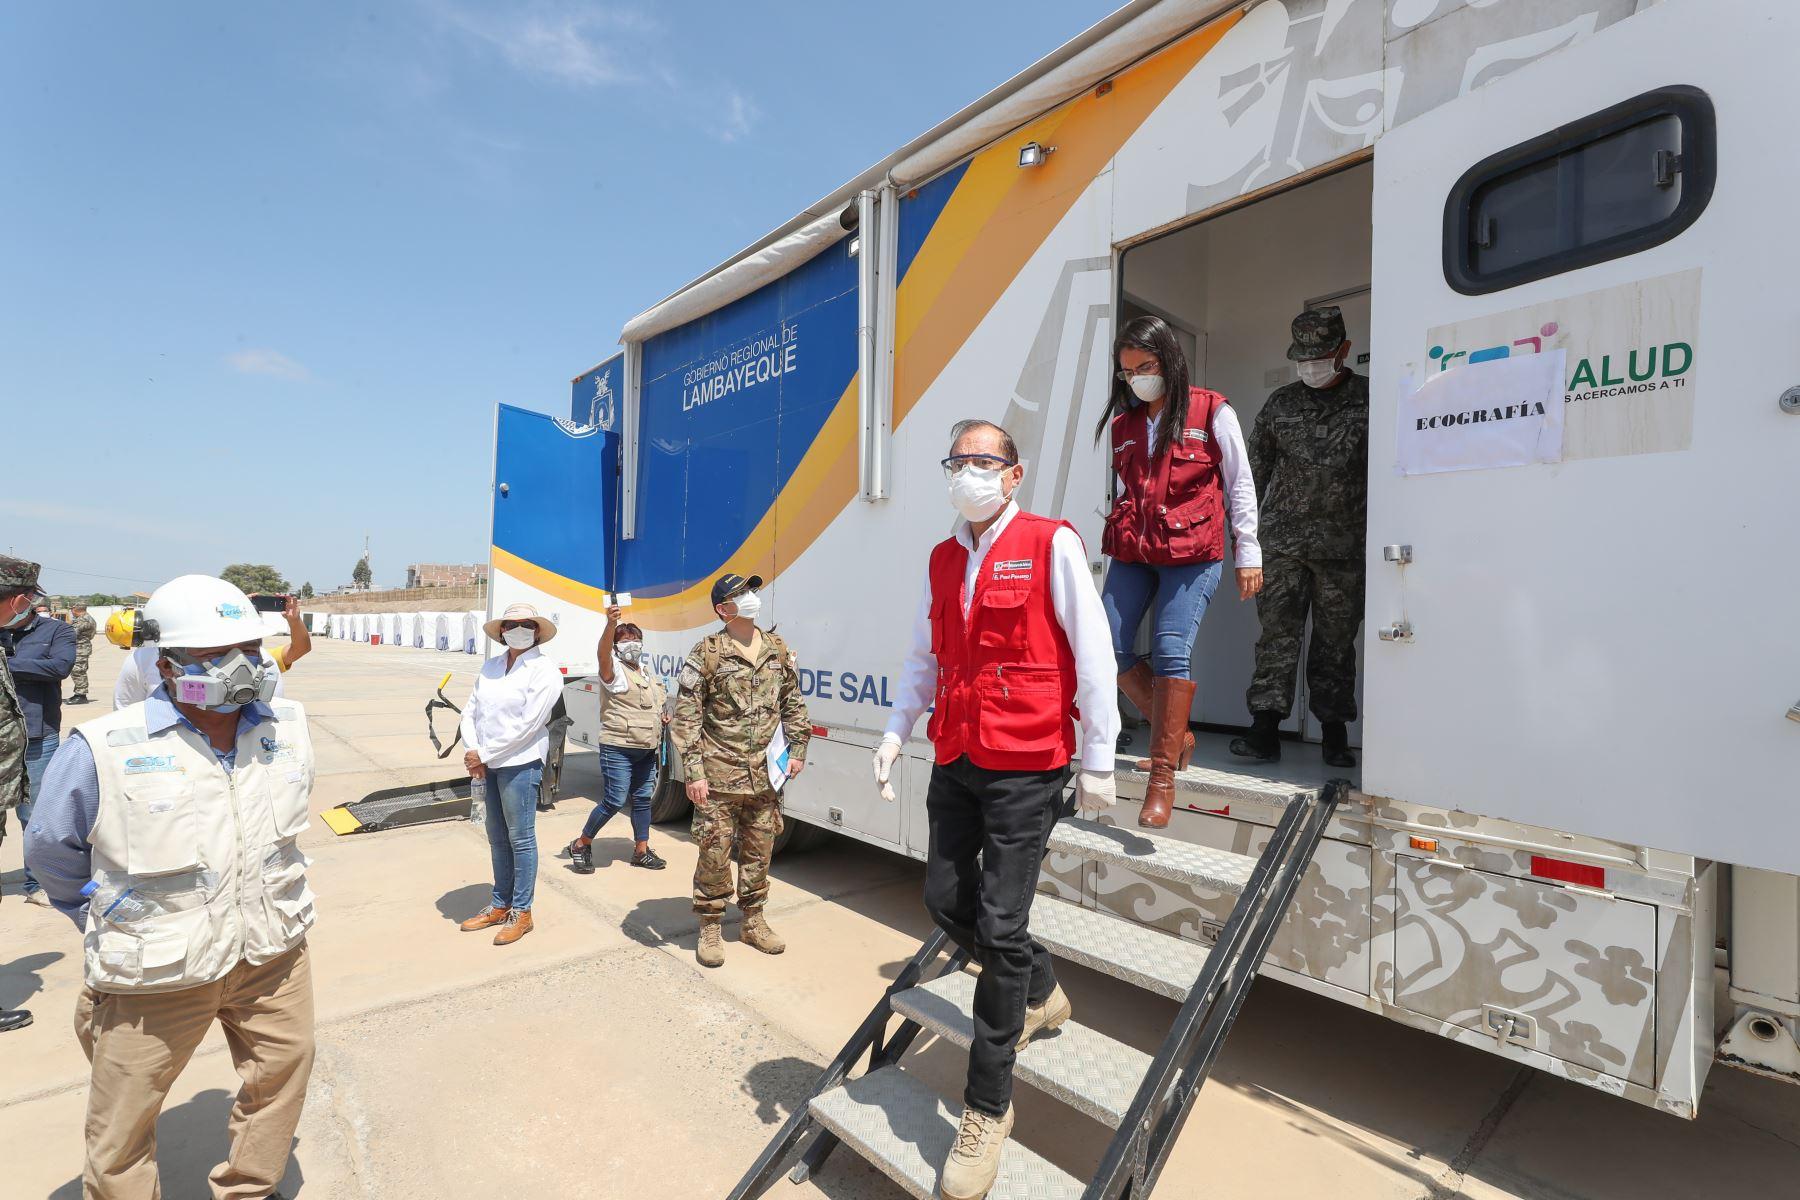 Ministro de Defensa, Walter Martos, llega a Lambayeque para presentar el Centro de Aislamiento Voluntario y un Hospital de Campaña. Foto: MINDEF